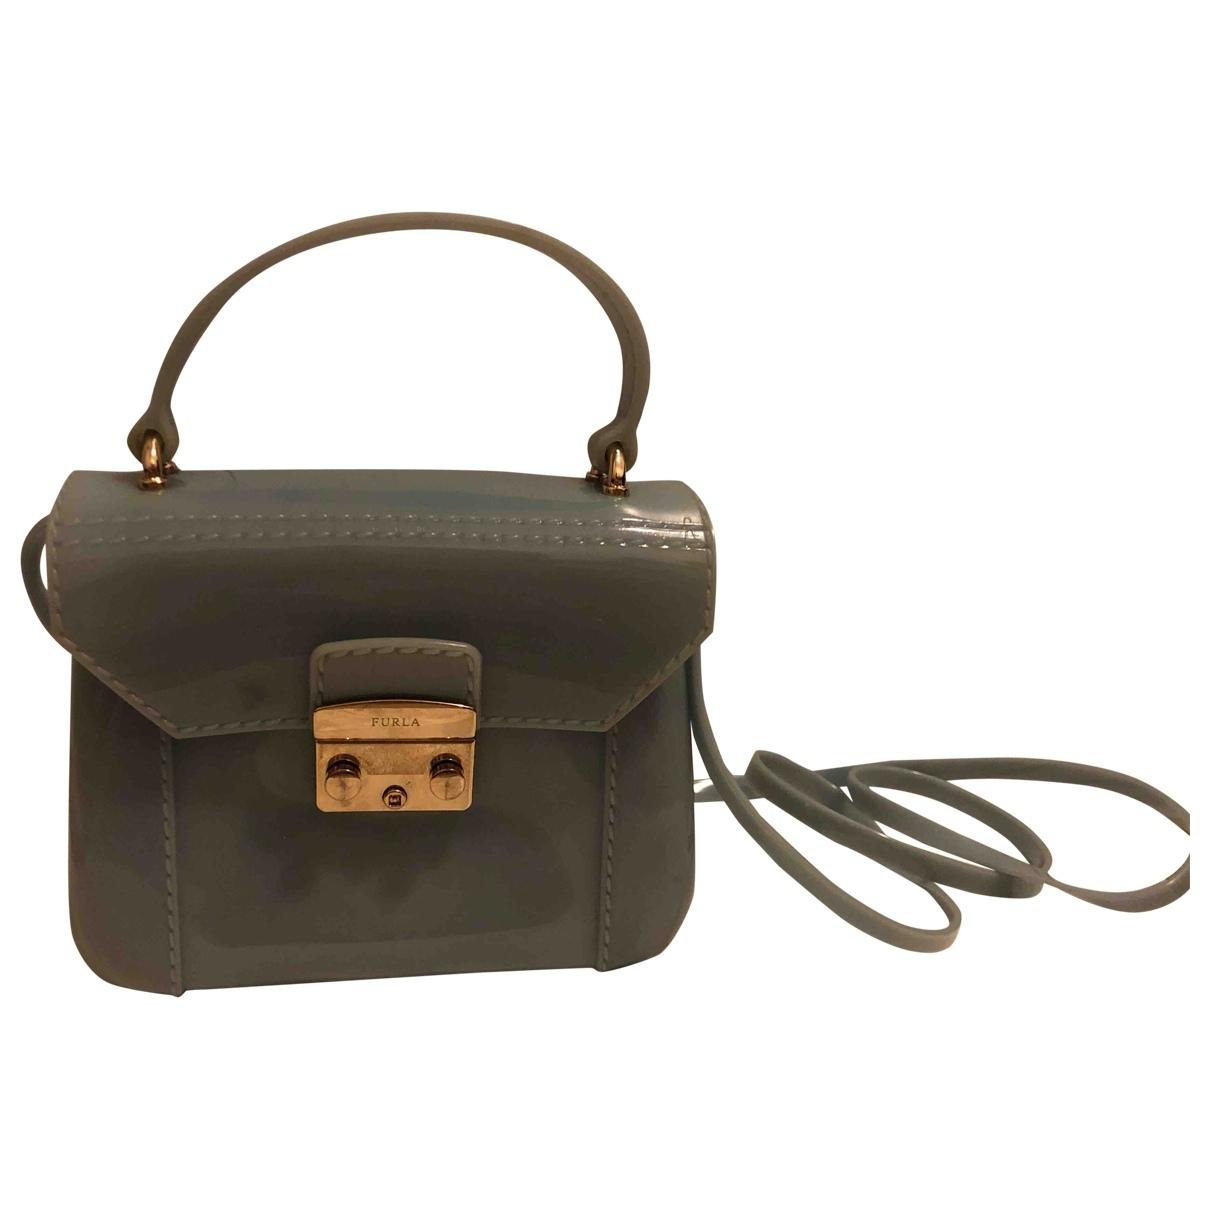 Furla Candy Bag Handtasche in  Tuerkis Kunststoff